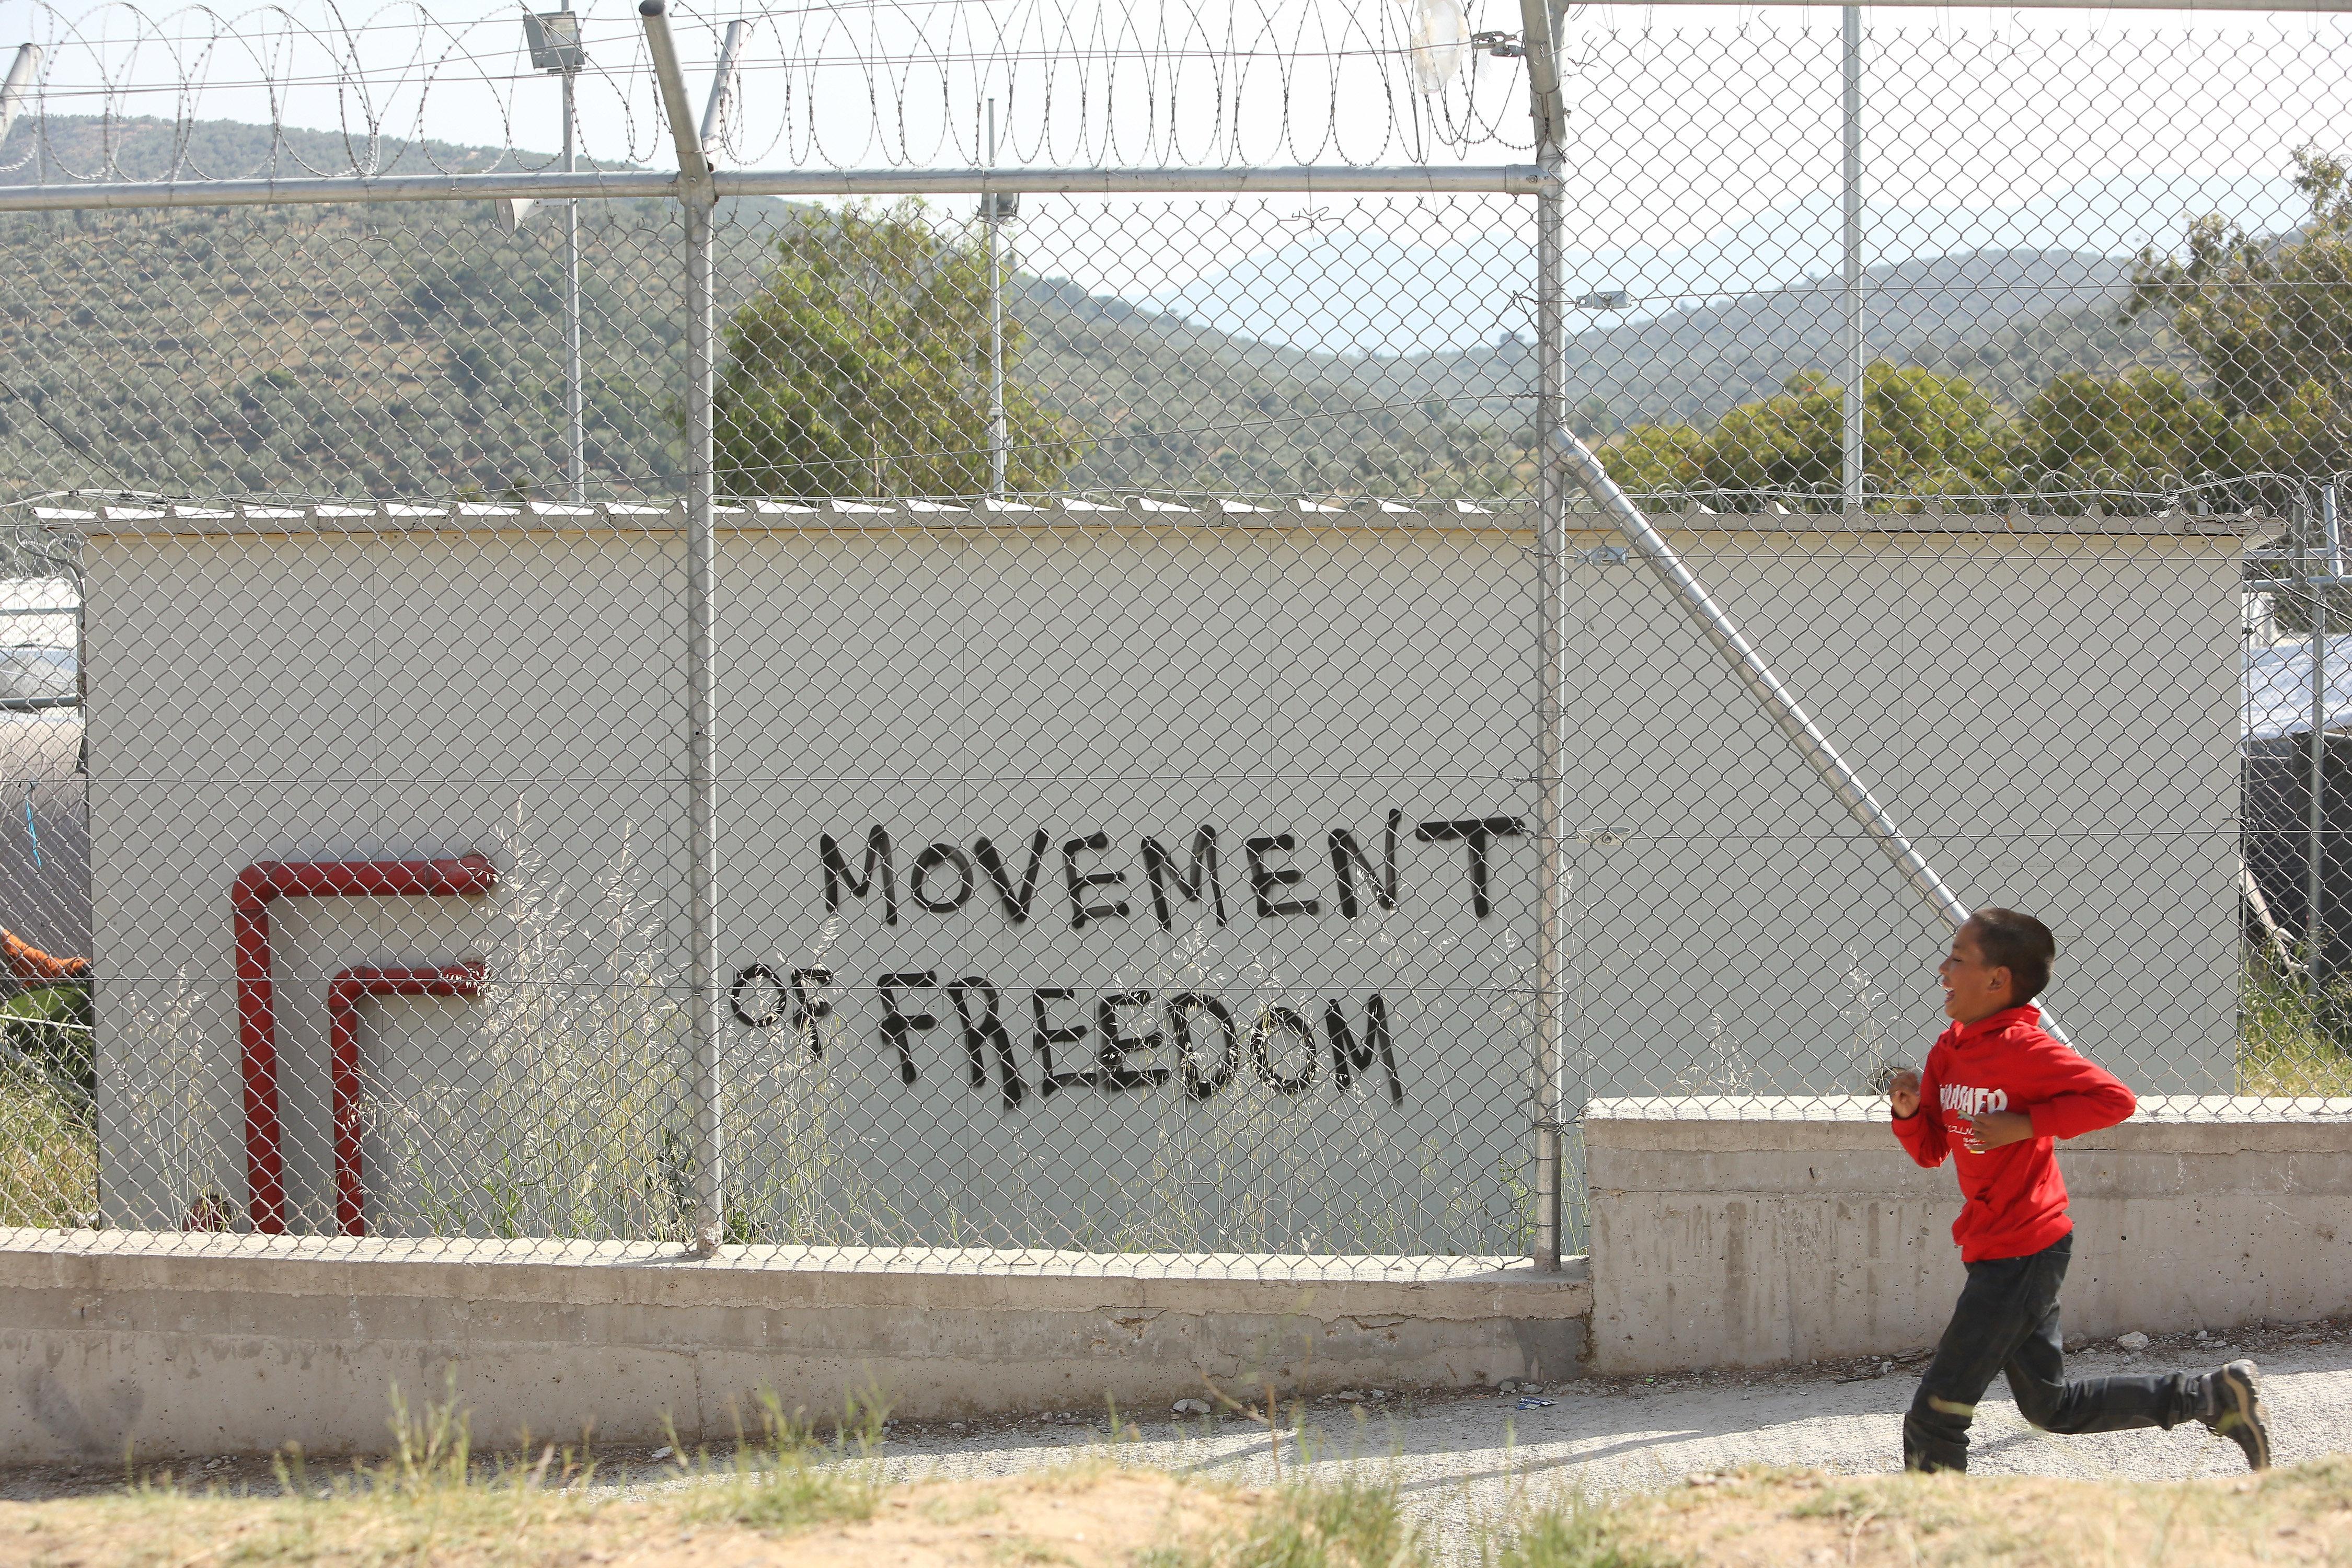 Παγκόσμια Ημέρα Προσφύγων: 58.000 άνθρωποι στην Ελλάδα σε κατάσταση αναμονής. Πόσοι είναι στη βόρεια...